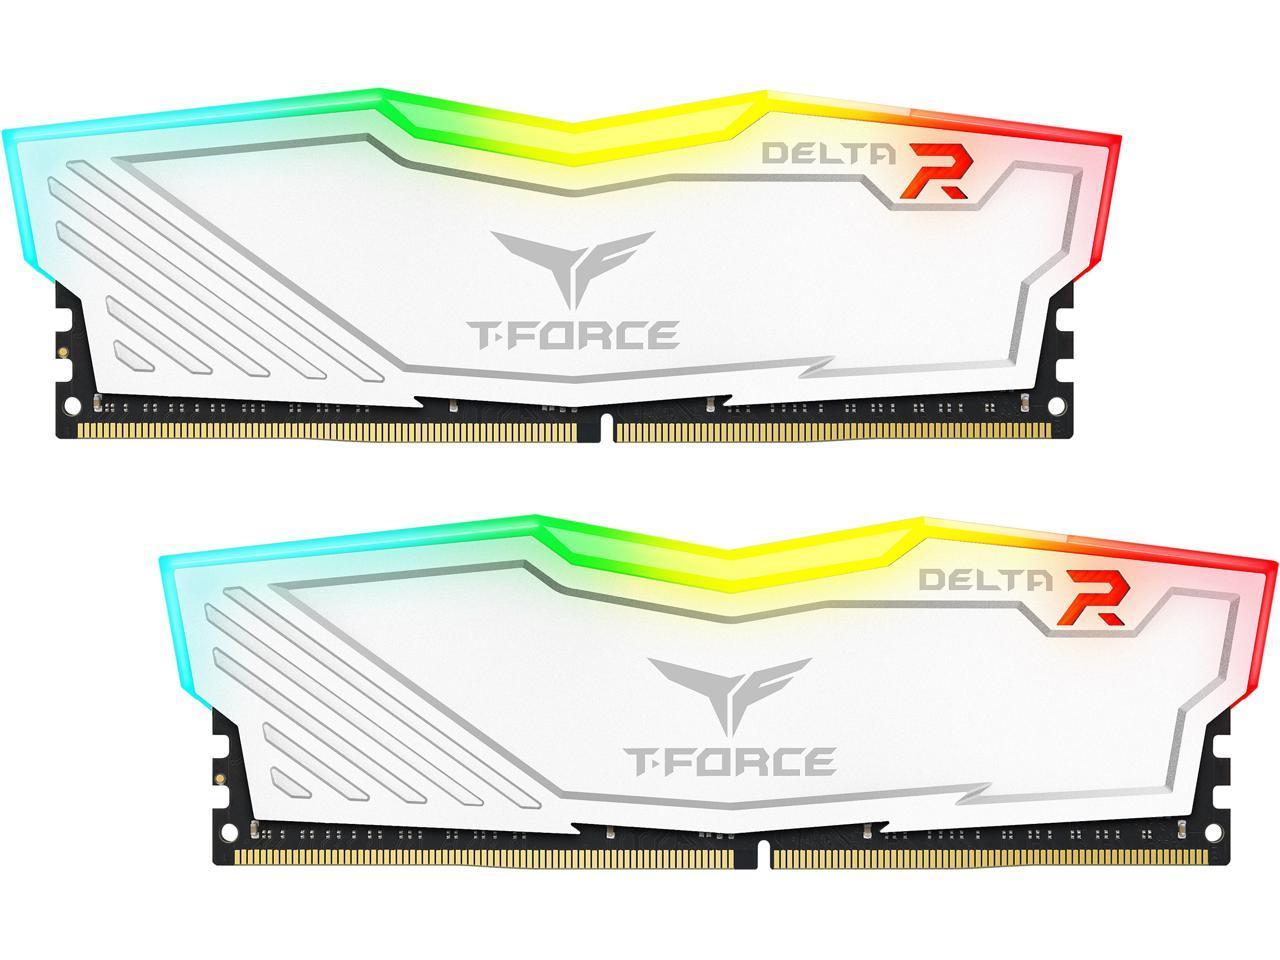 Kit de mémoire Delta RGB 32 Go T-Force Blanc